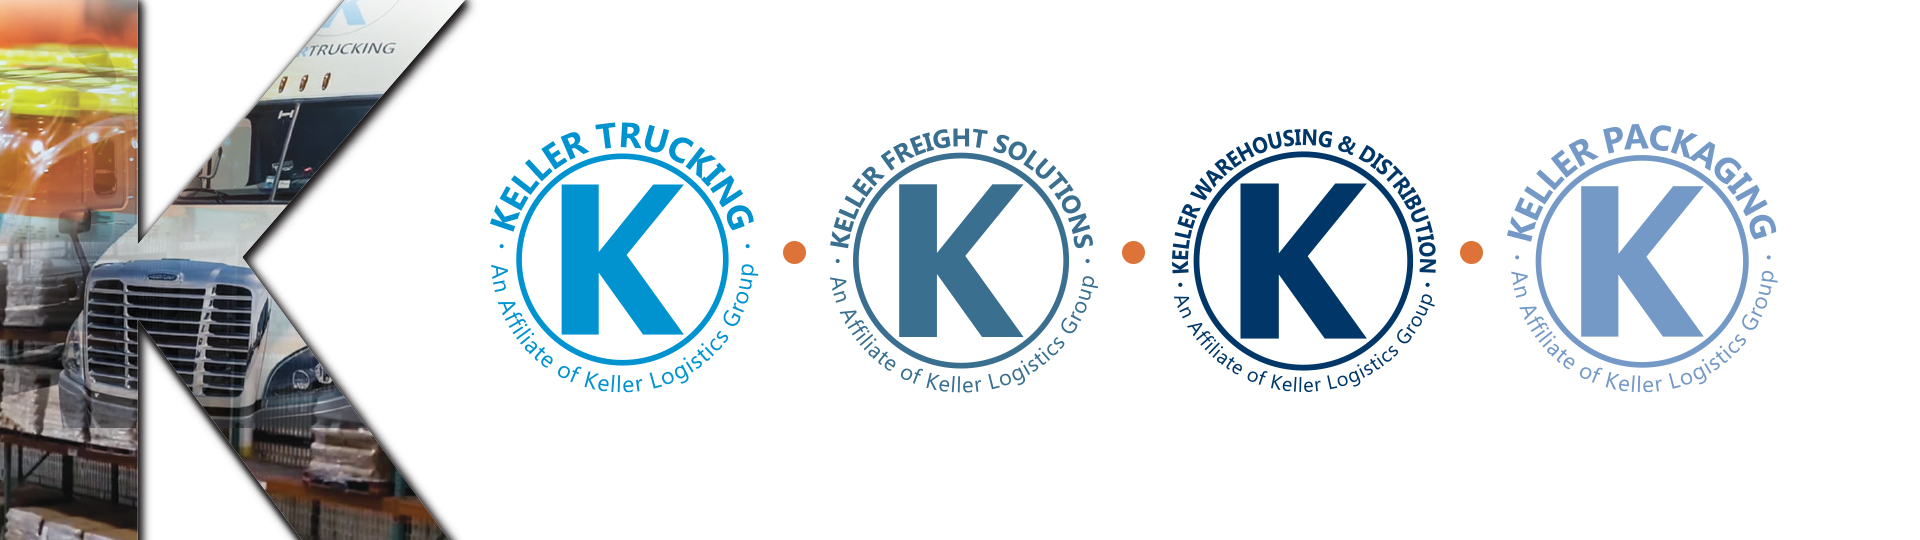 Landing Page Header Image - Keller Logos 1920 x 540